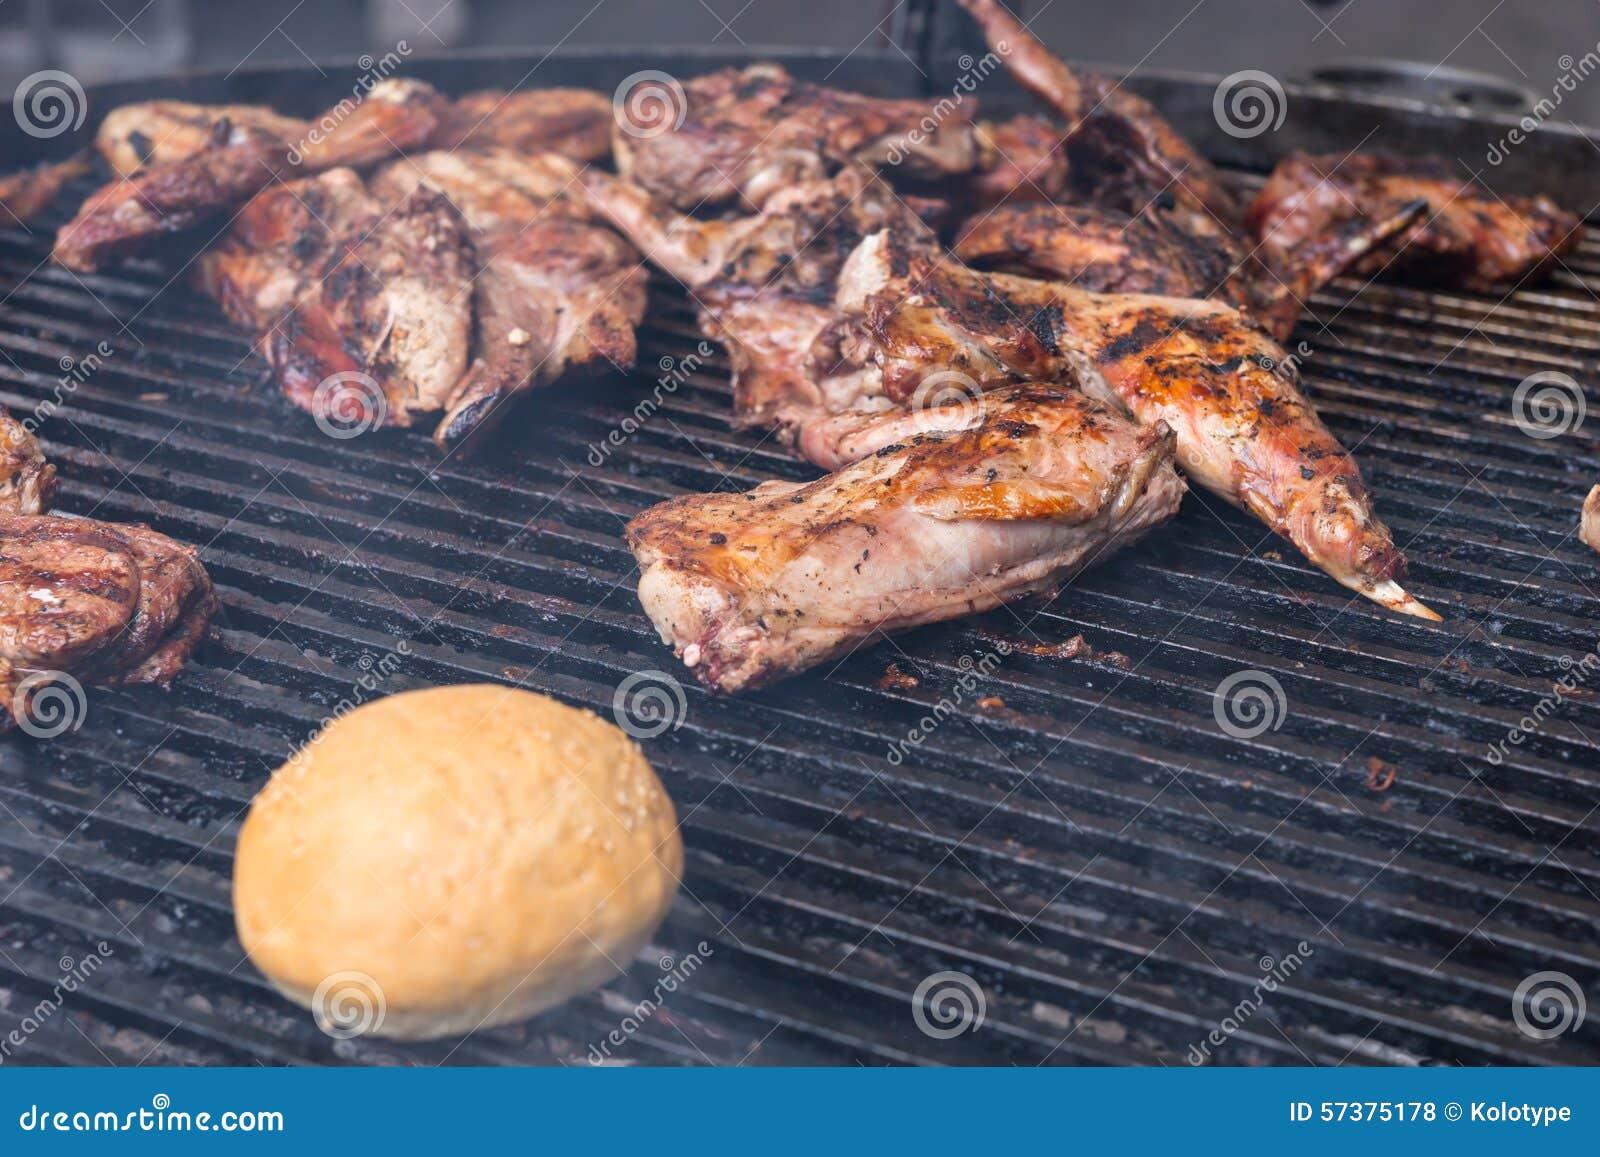 Vlees en een broodje die op BBQ roosteren